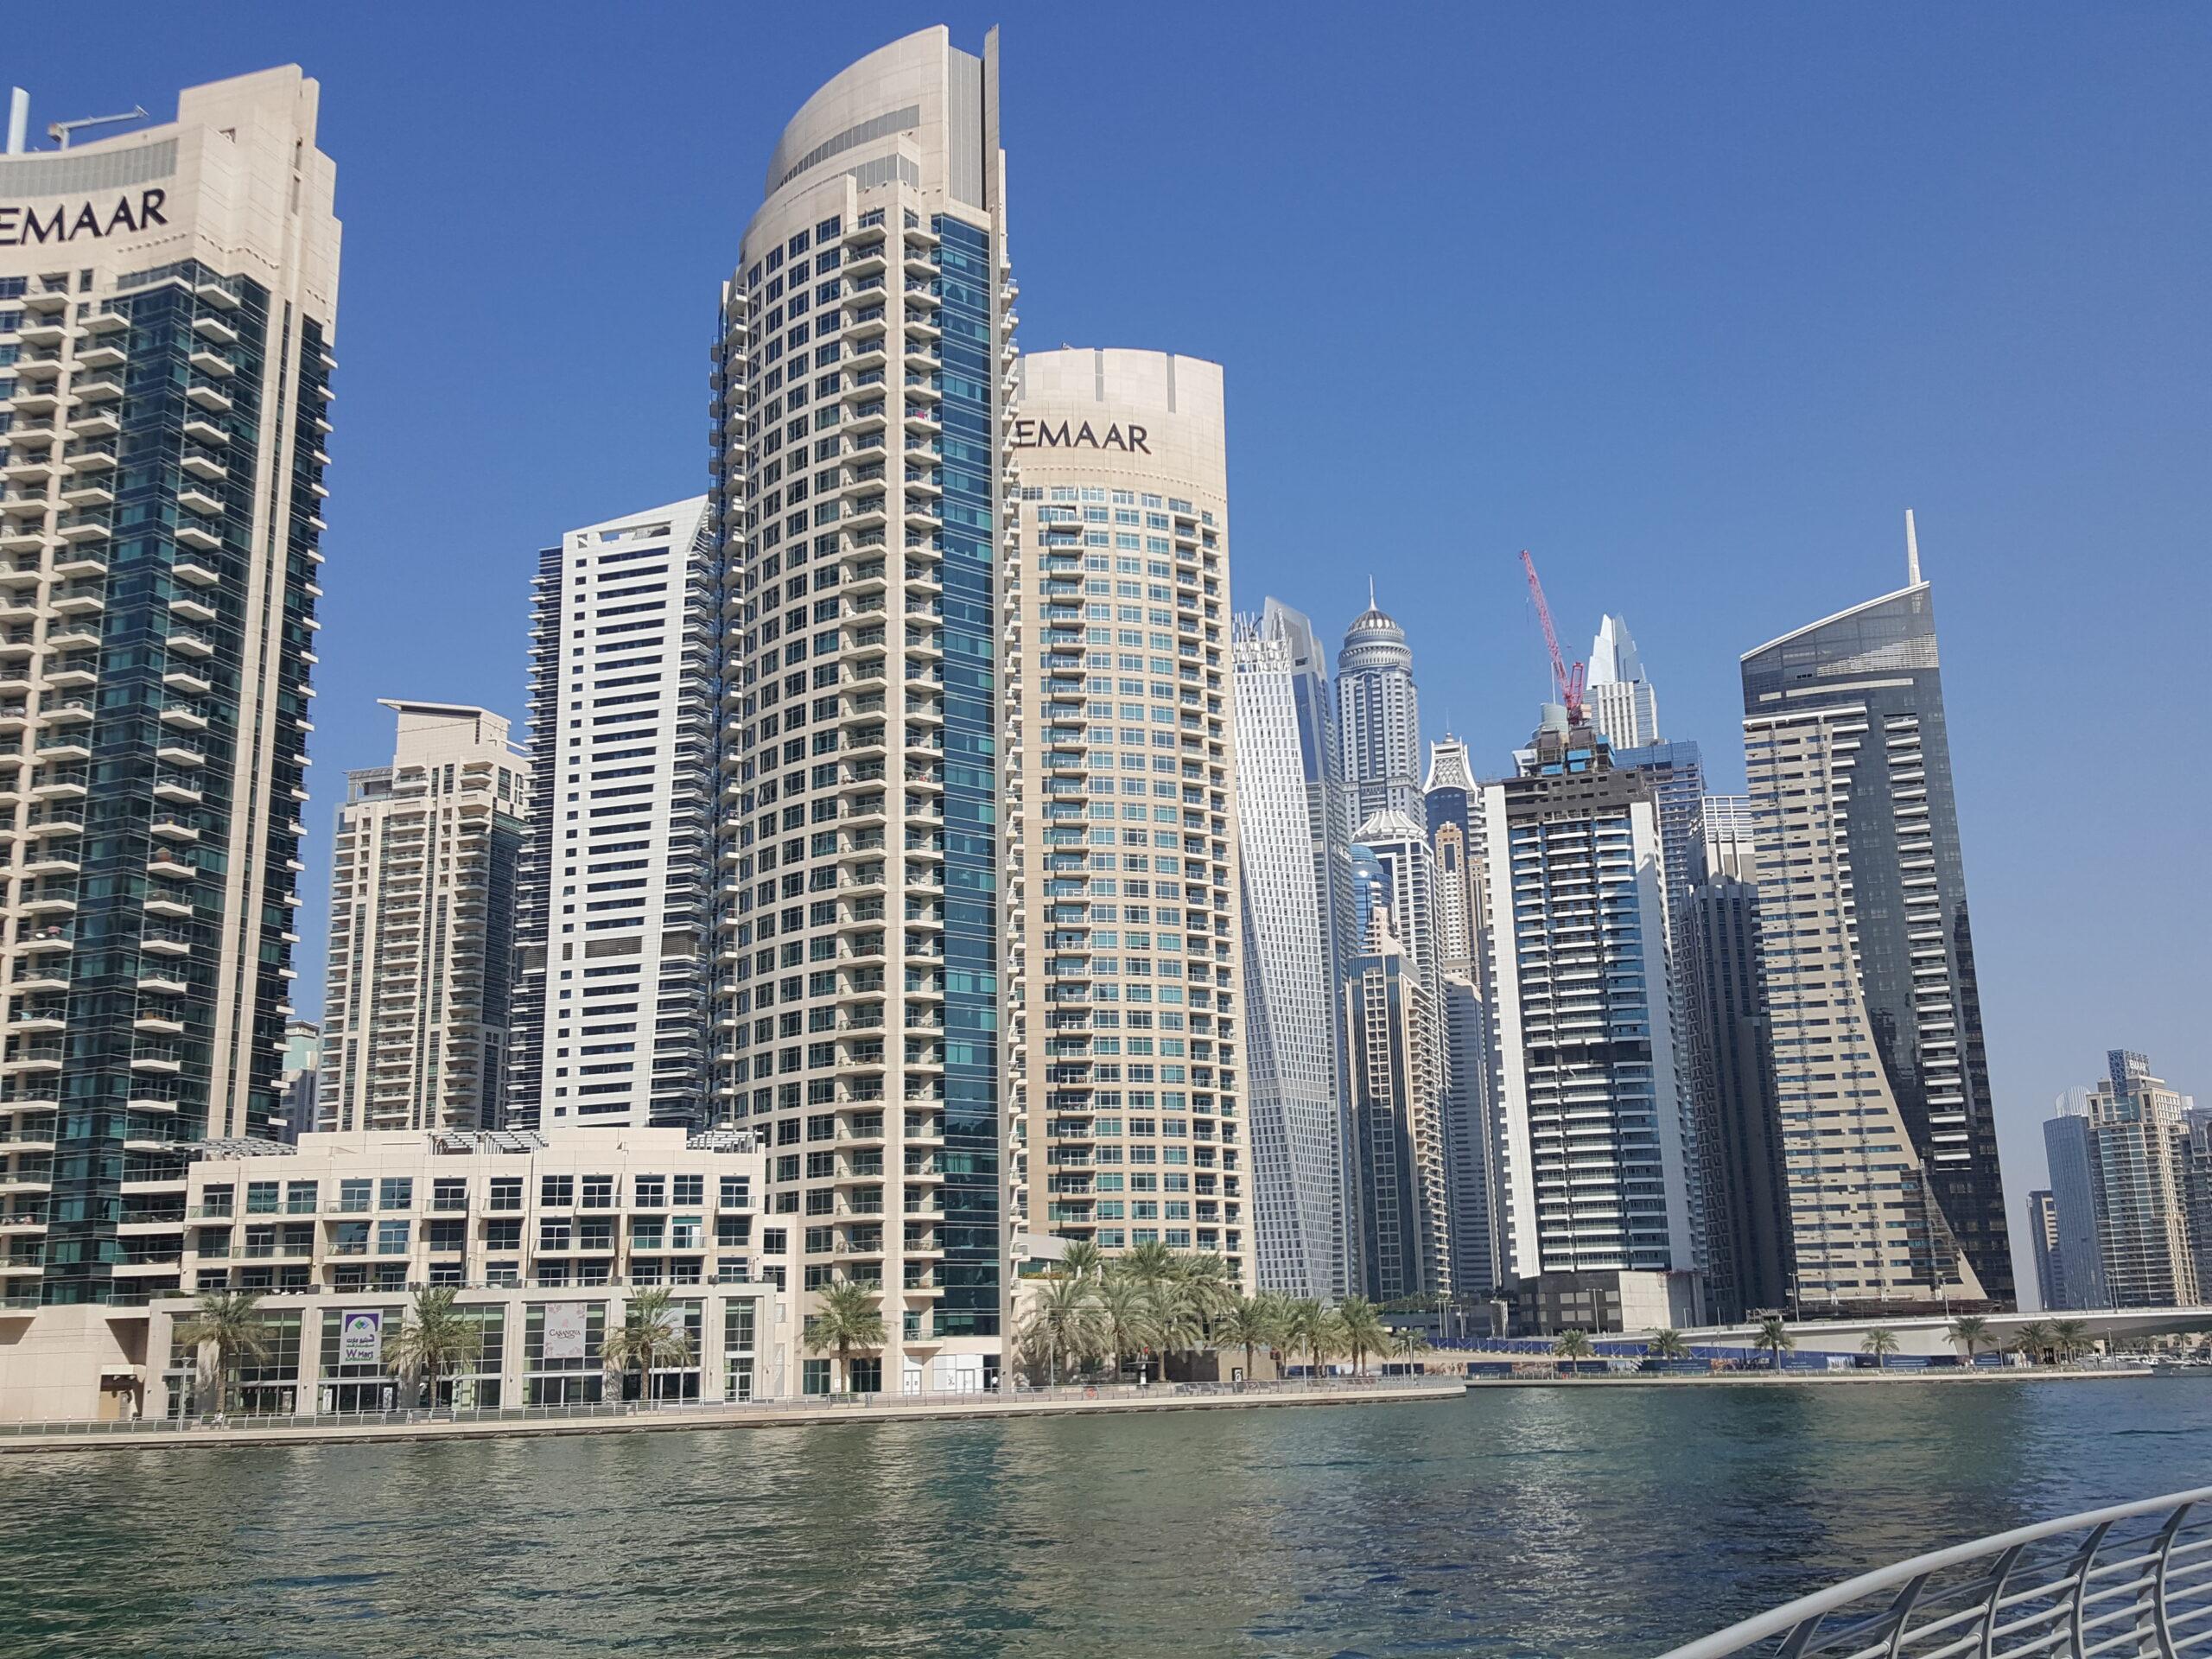 Dubai Marina - hier ist EMAAR stark vertreten